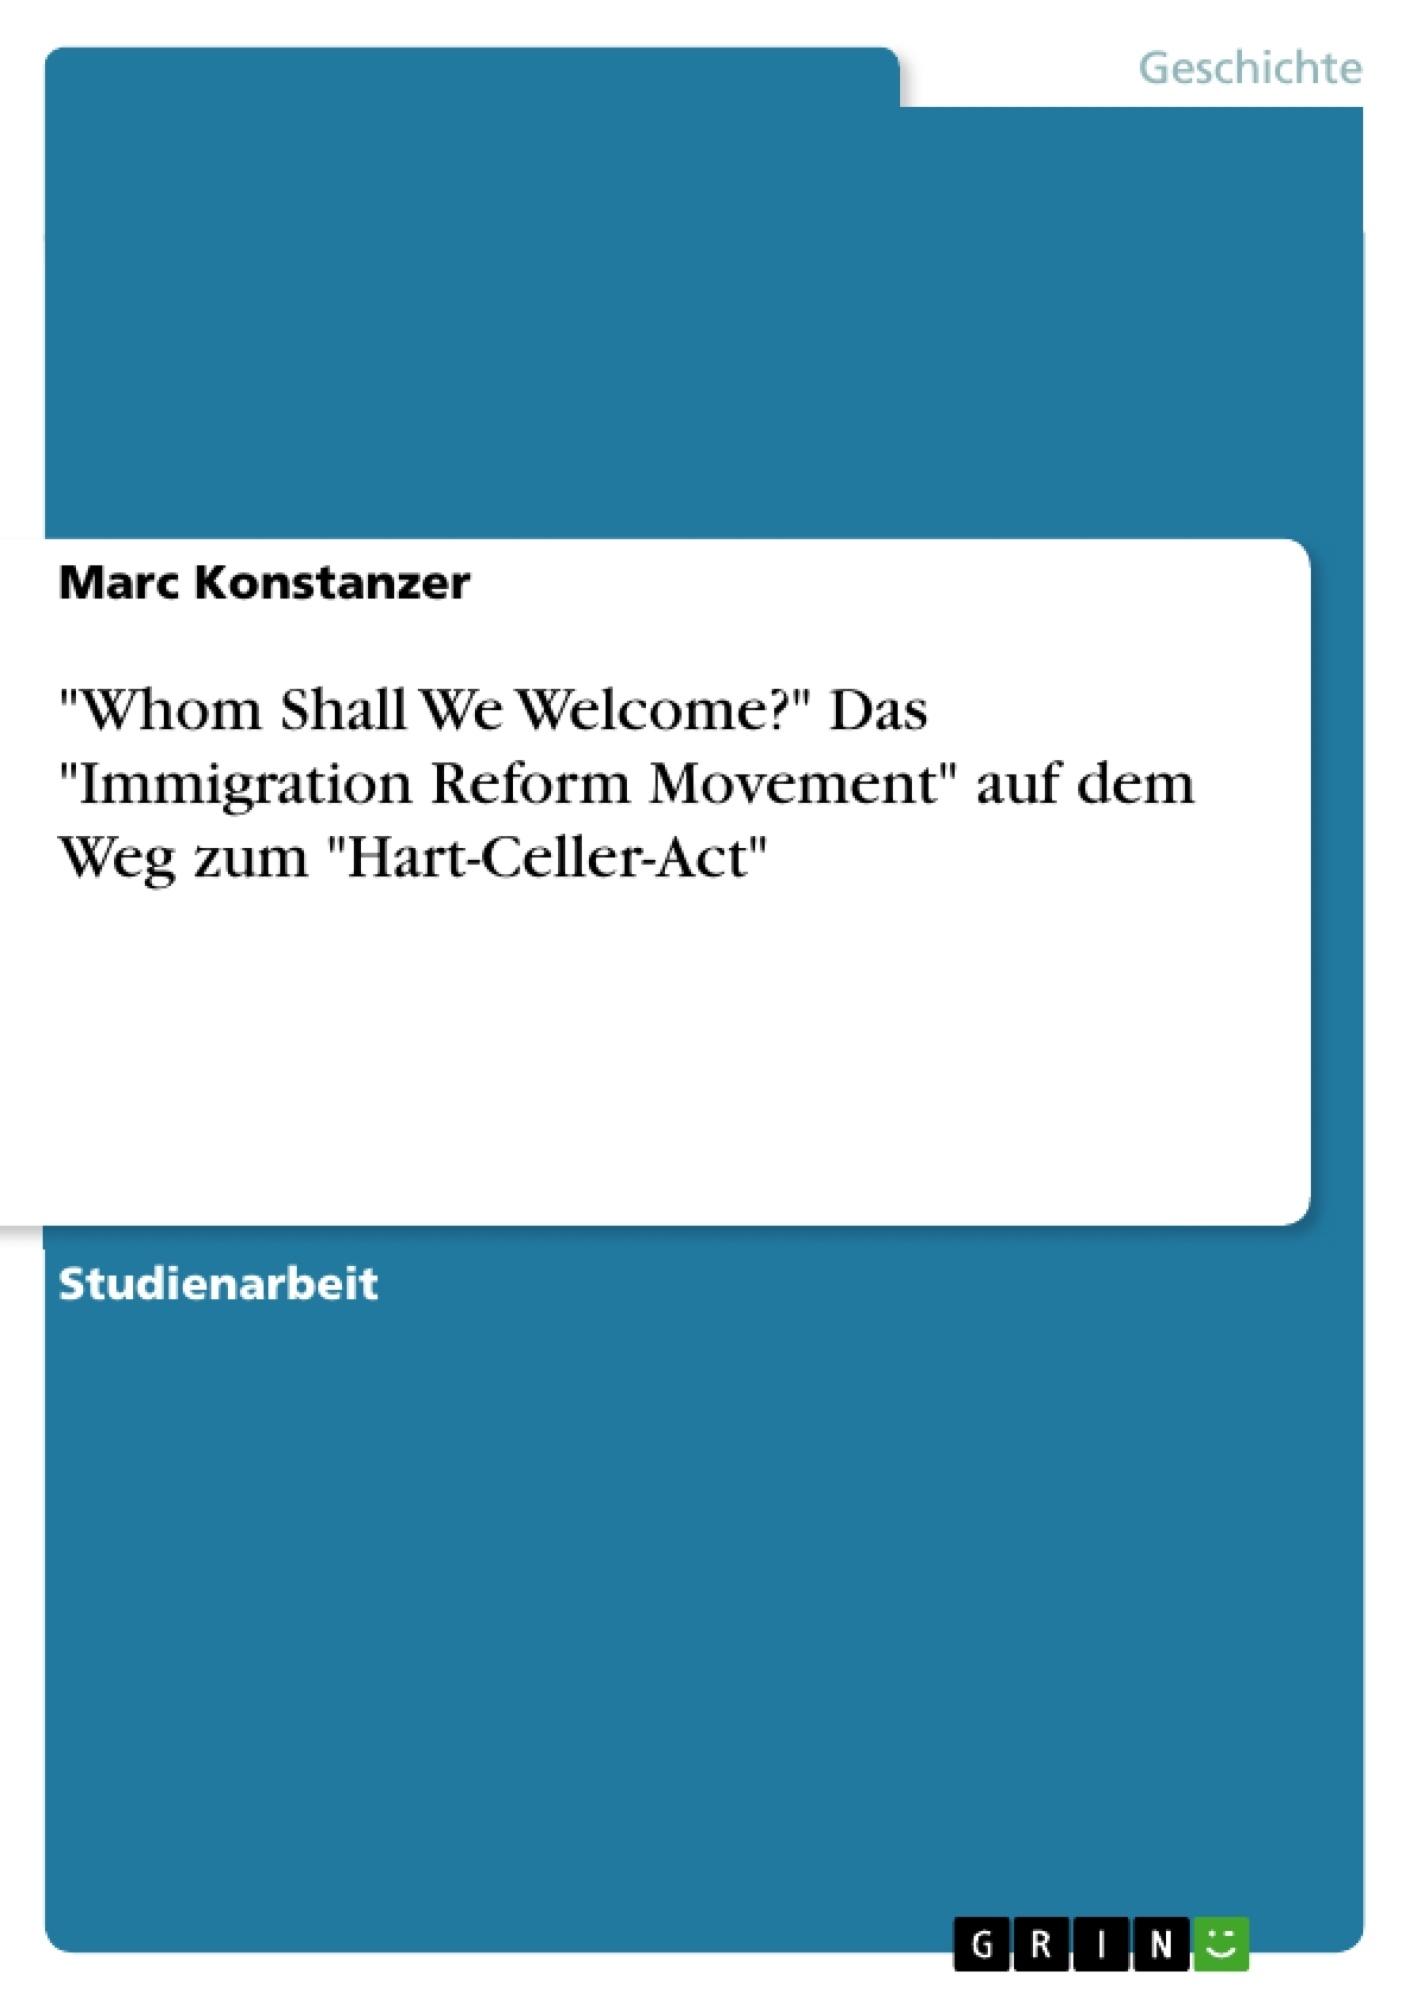 """Titel: """"Whom Shall We Welcome?"""" Das """"Immigration Reform Movement"""" auf dem Weg zum """"Hart-Celler-Act"""""""